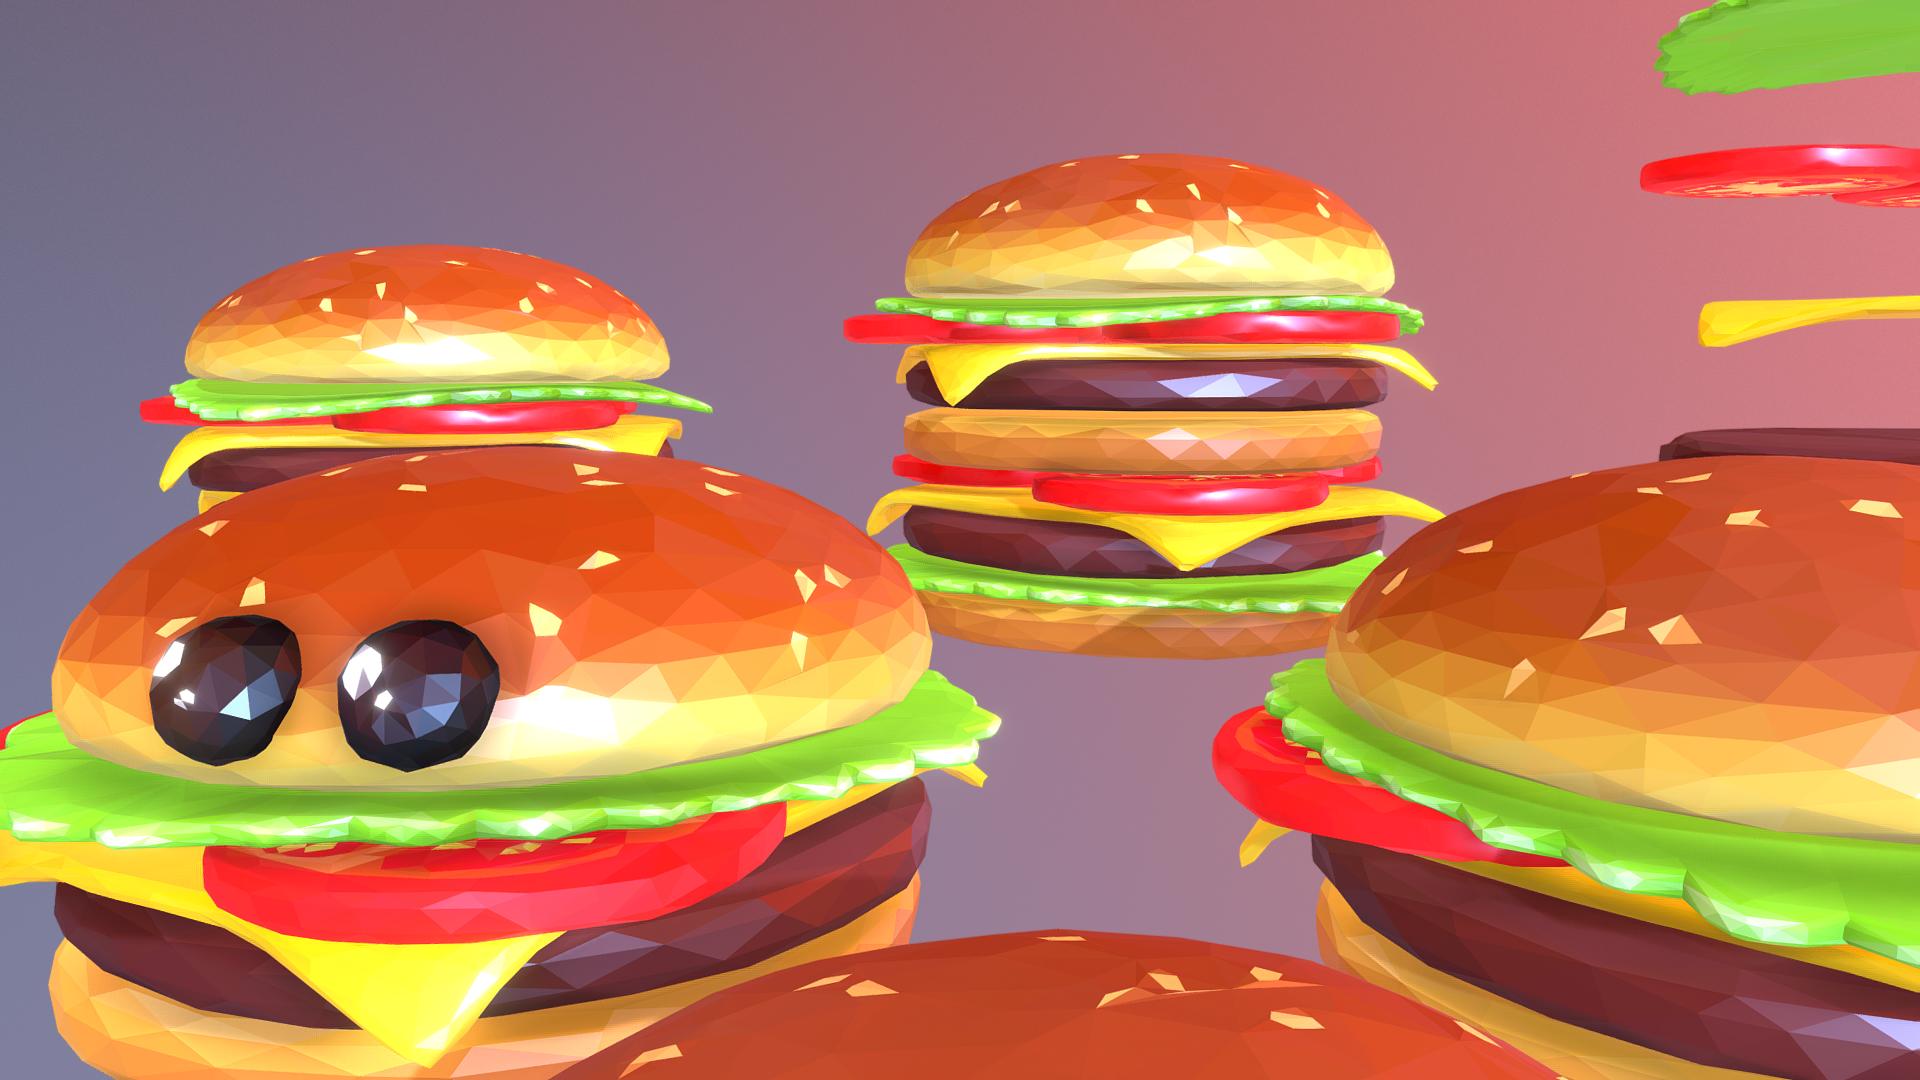 lowpolyart hamburger cheeseburger graditelj 3d model 3ds max fbx jpeg jpg ma mb tekstura obj 269557